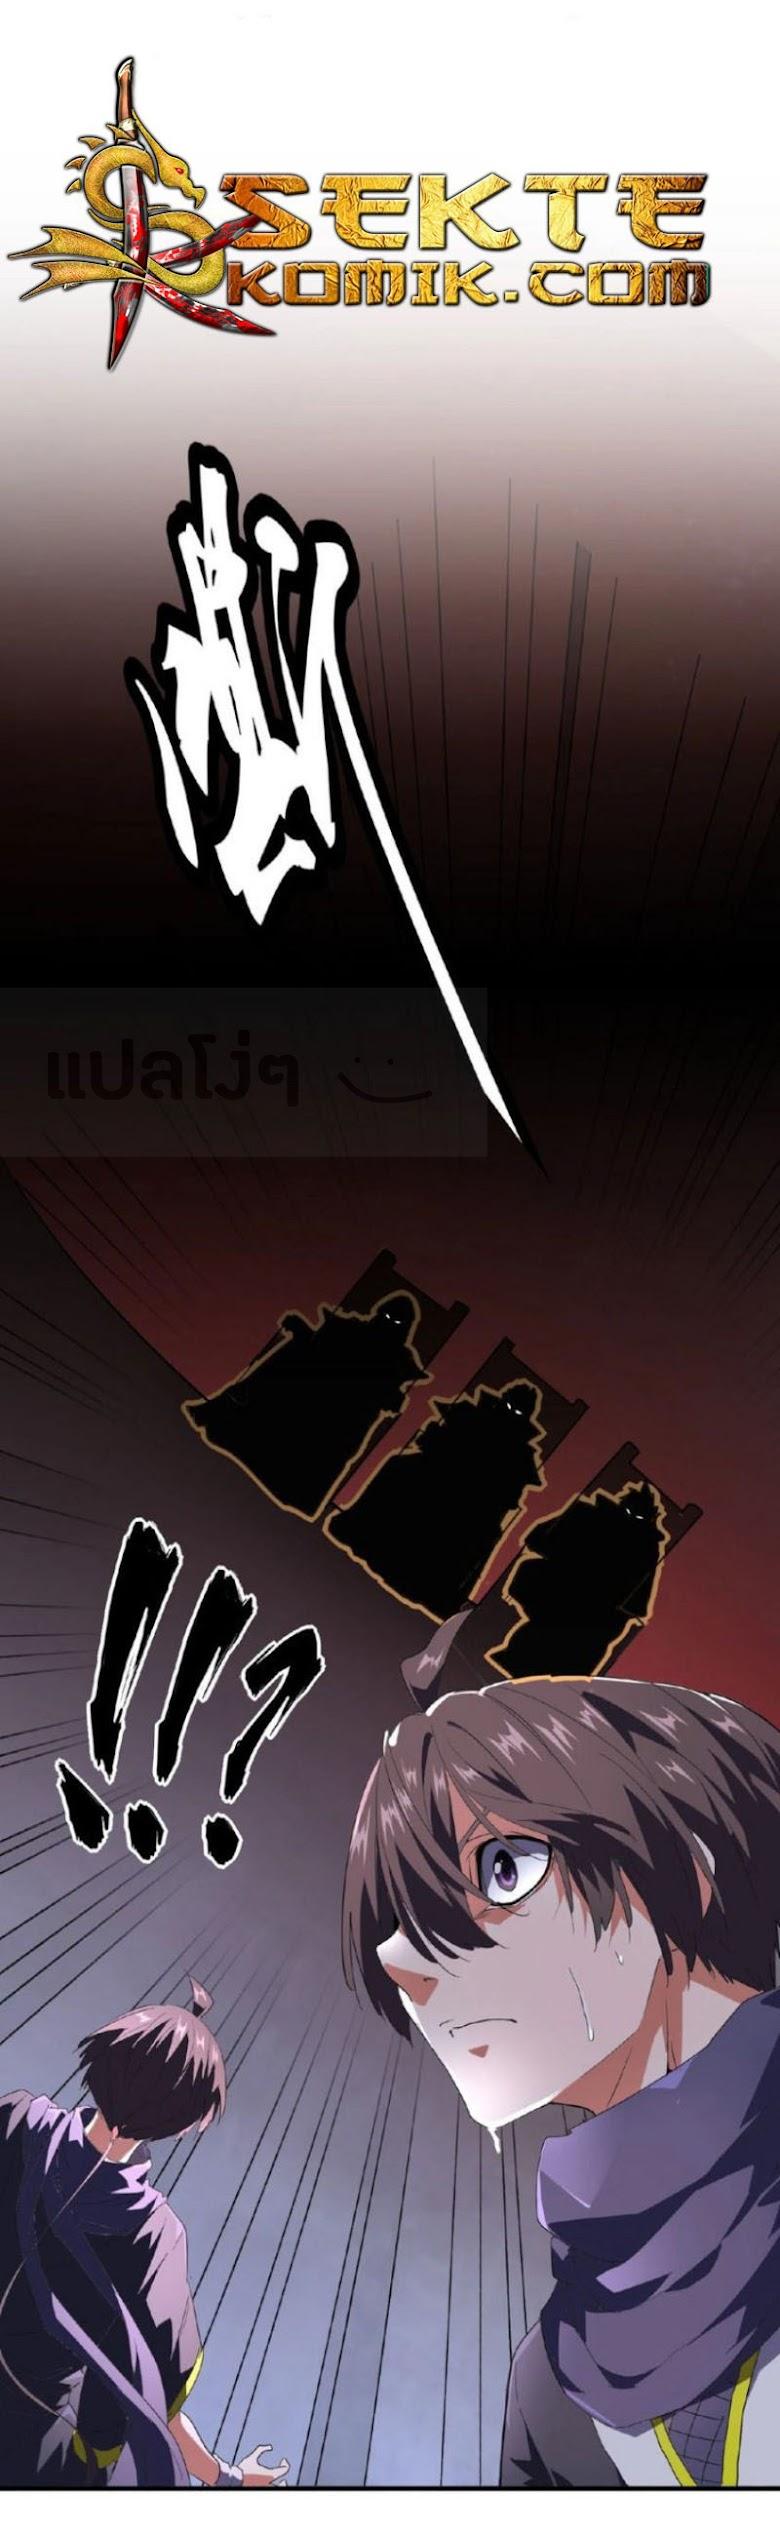 Magic Emperor - หน้า 1